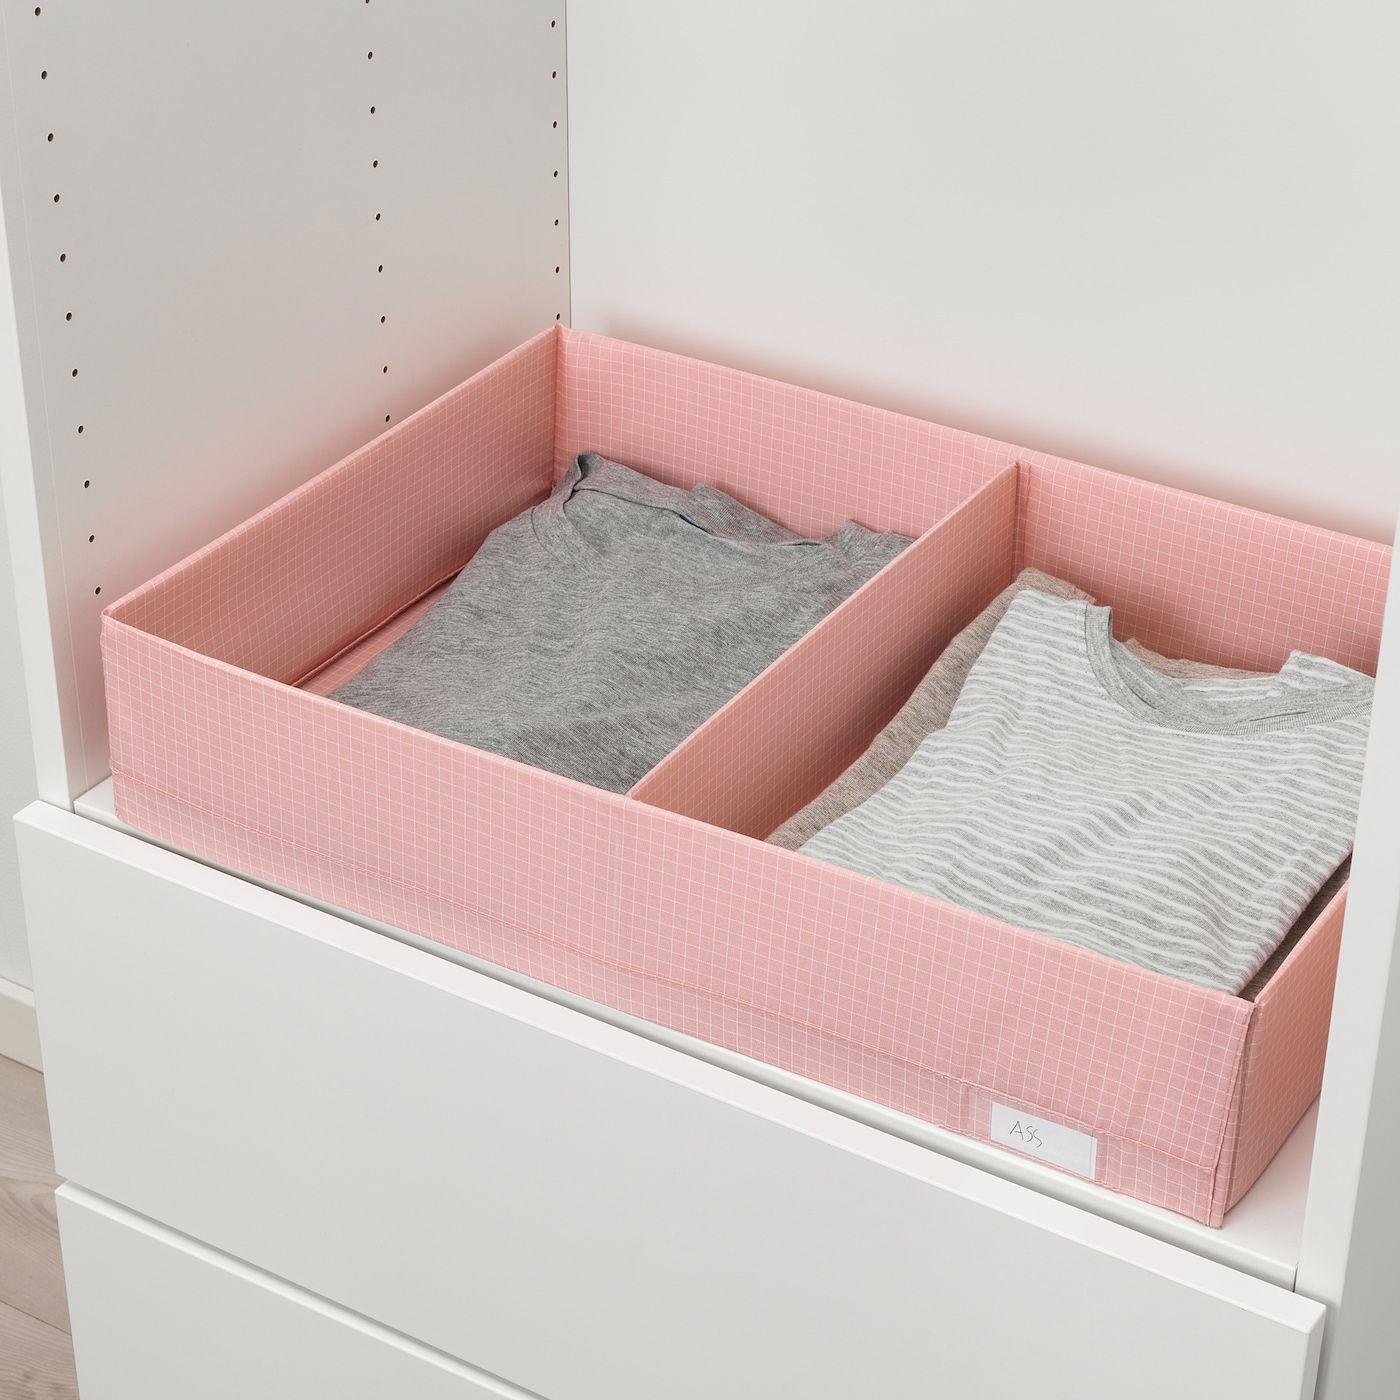 Stuk Kasten Mit Fachern Rosa In 2020 Ikea Aufbewahrungsbox Mit